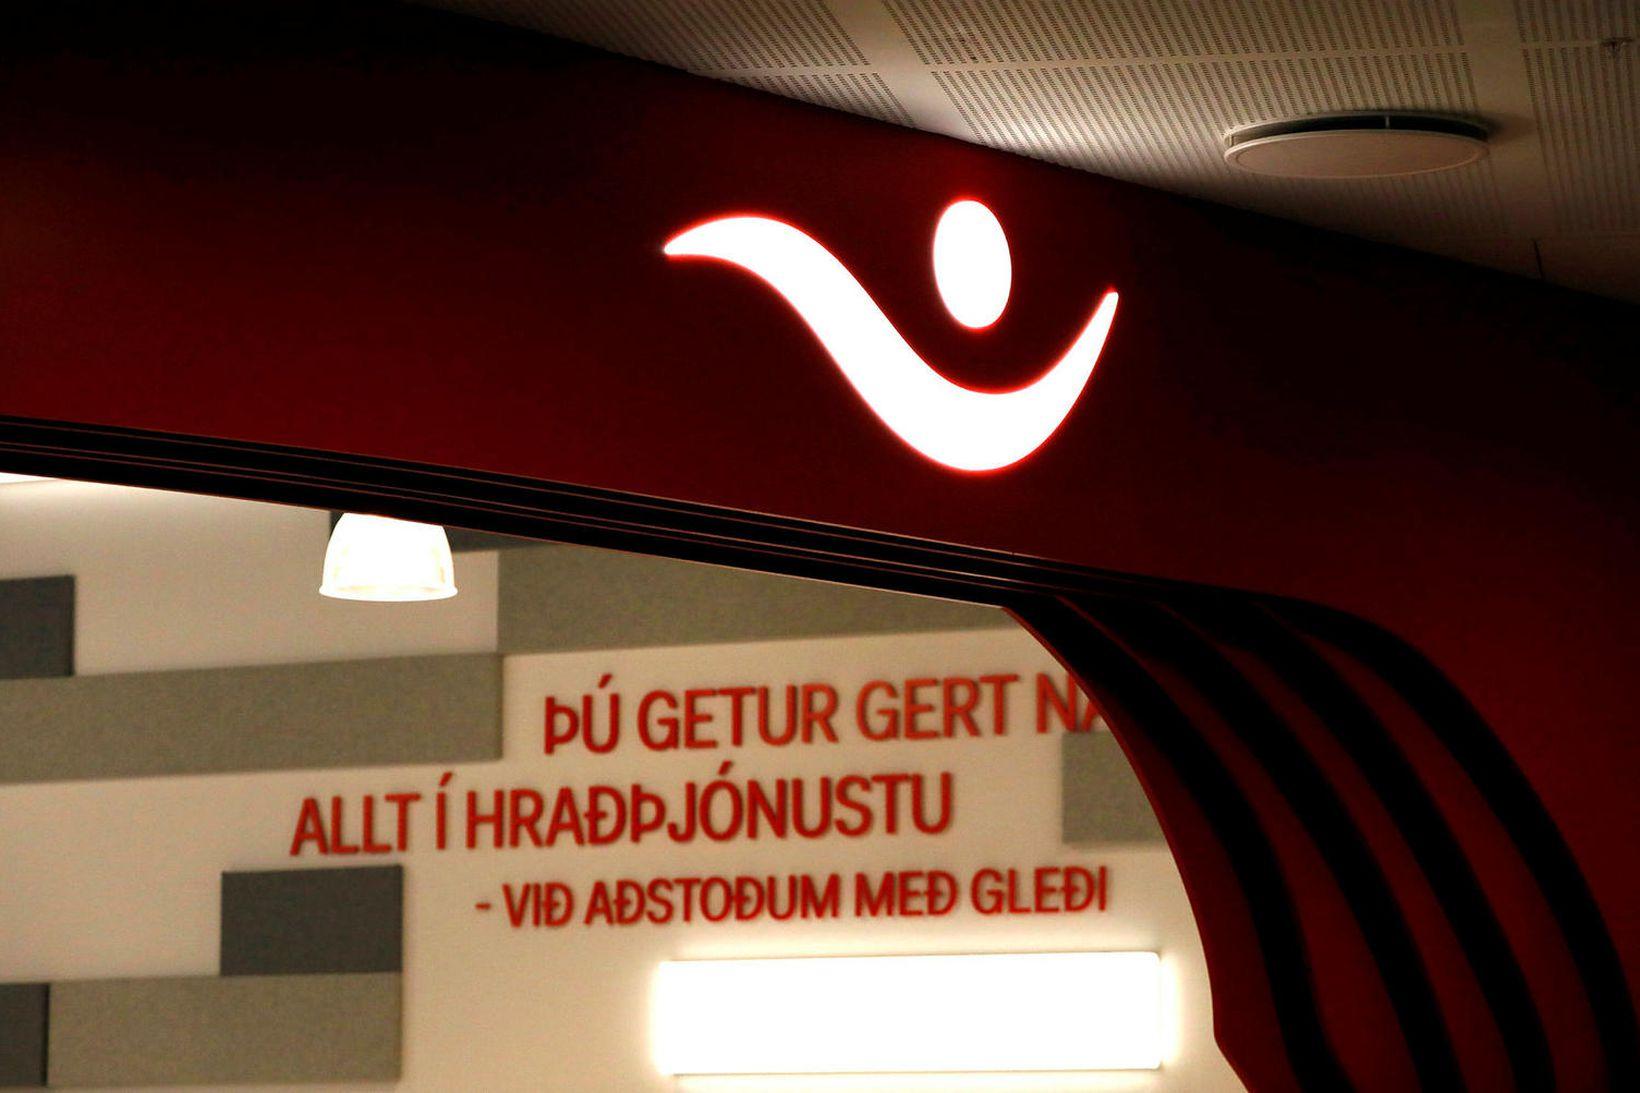 Nú er hægt að sækja um viðbótarlán hjá Íslandsbanka.